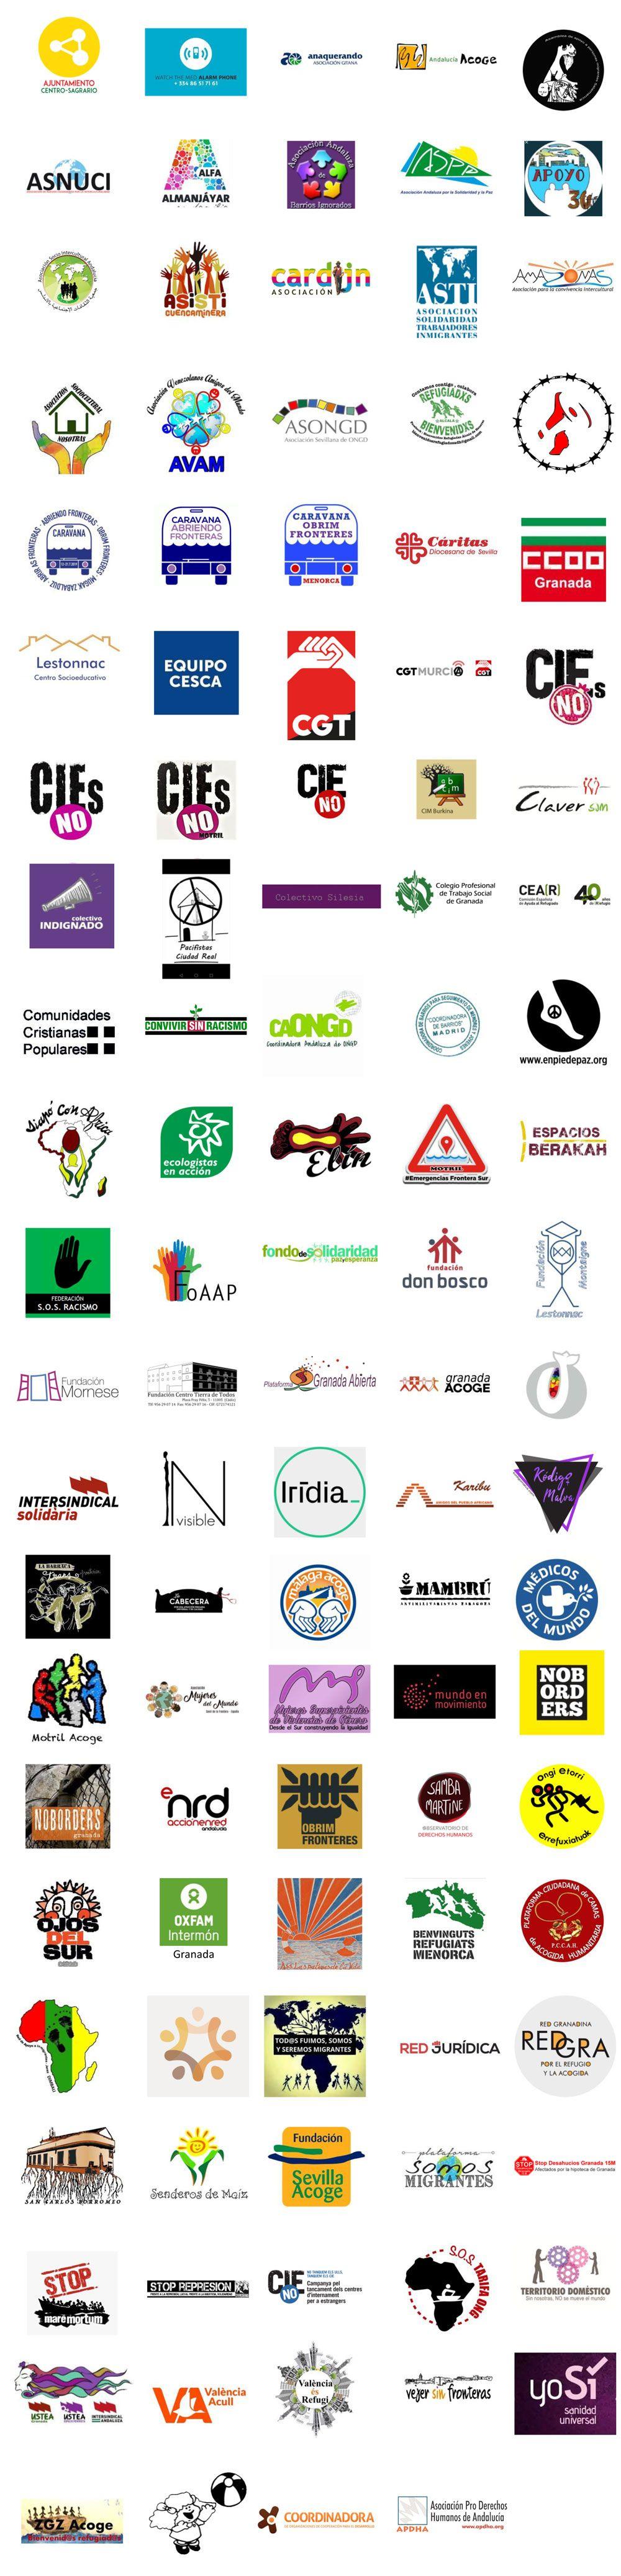 [Actualización] Más de 180 organizaciones advierten a la Junta de Andalucía que emprenderán acciones legales si ceden los datos de personas migrantes en situación irregular